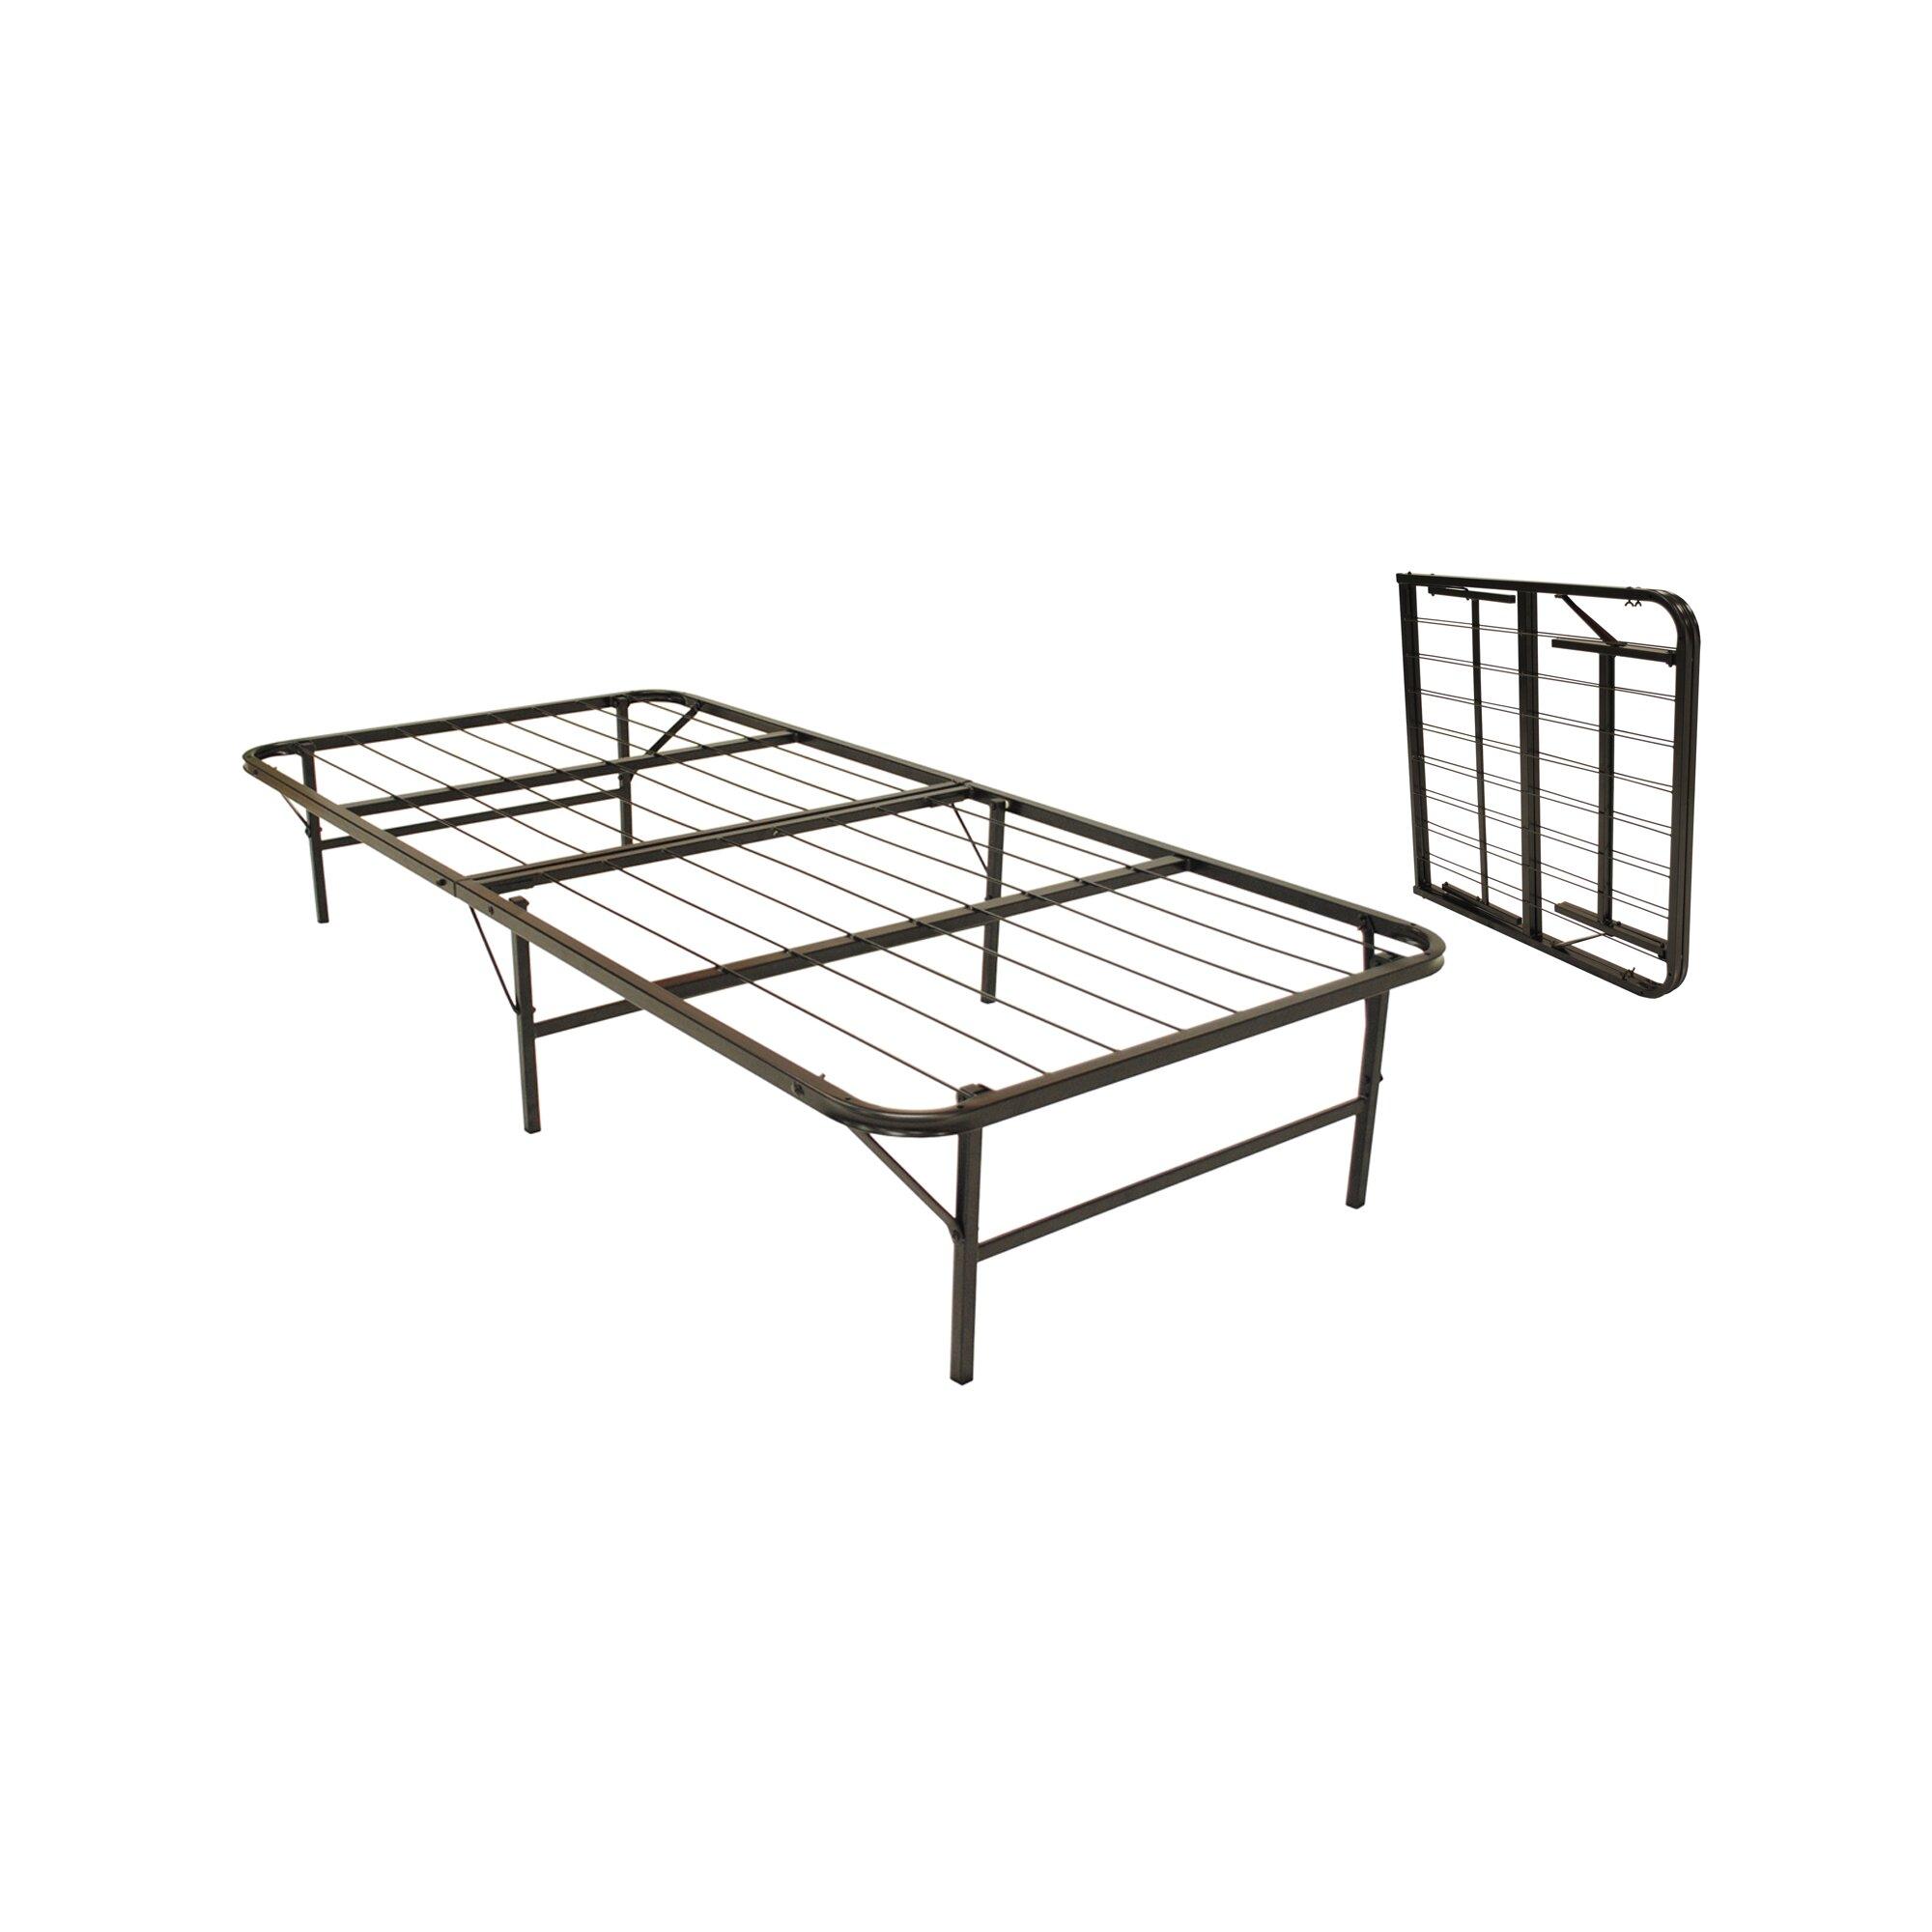 pragma bed bi fold bed frame